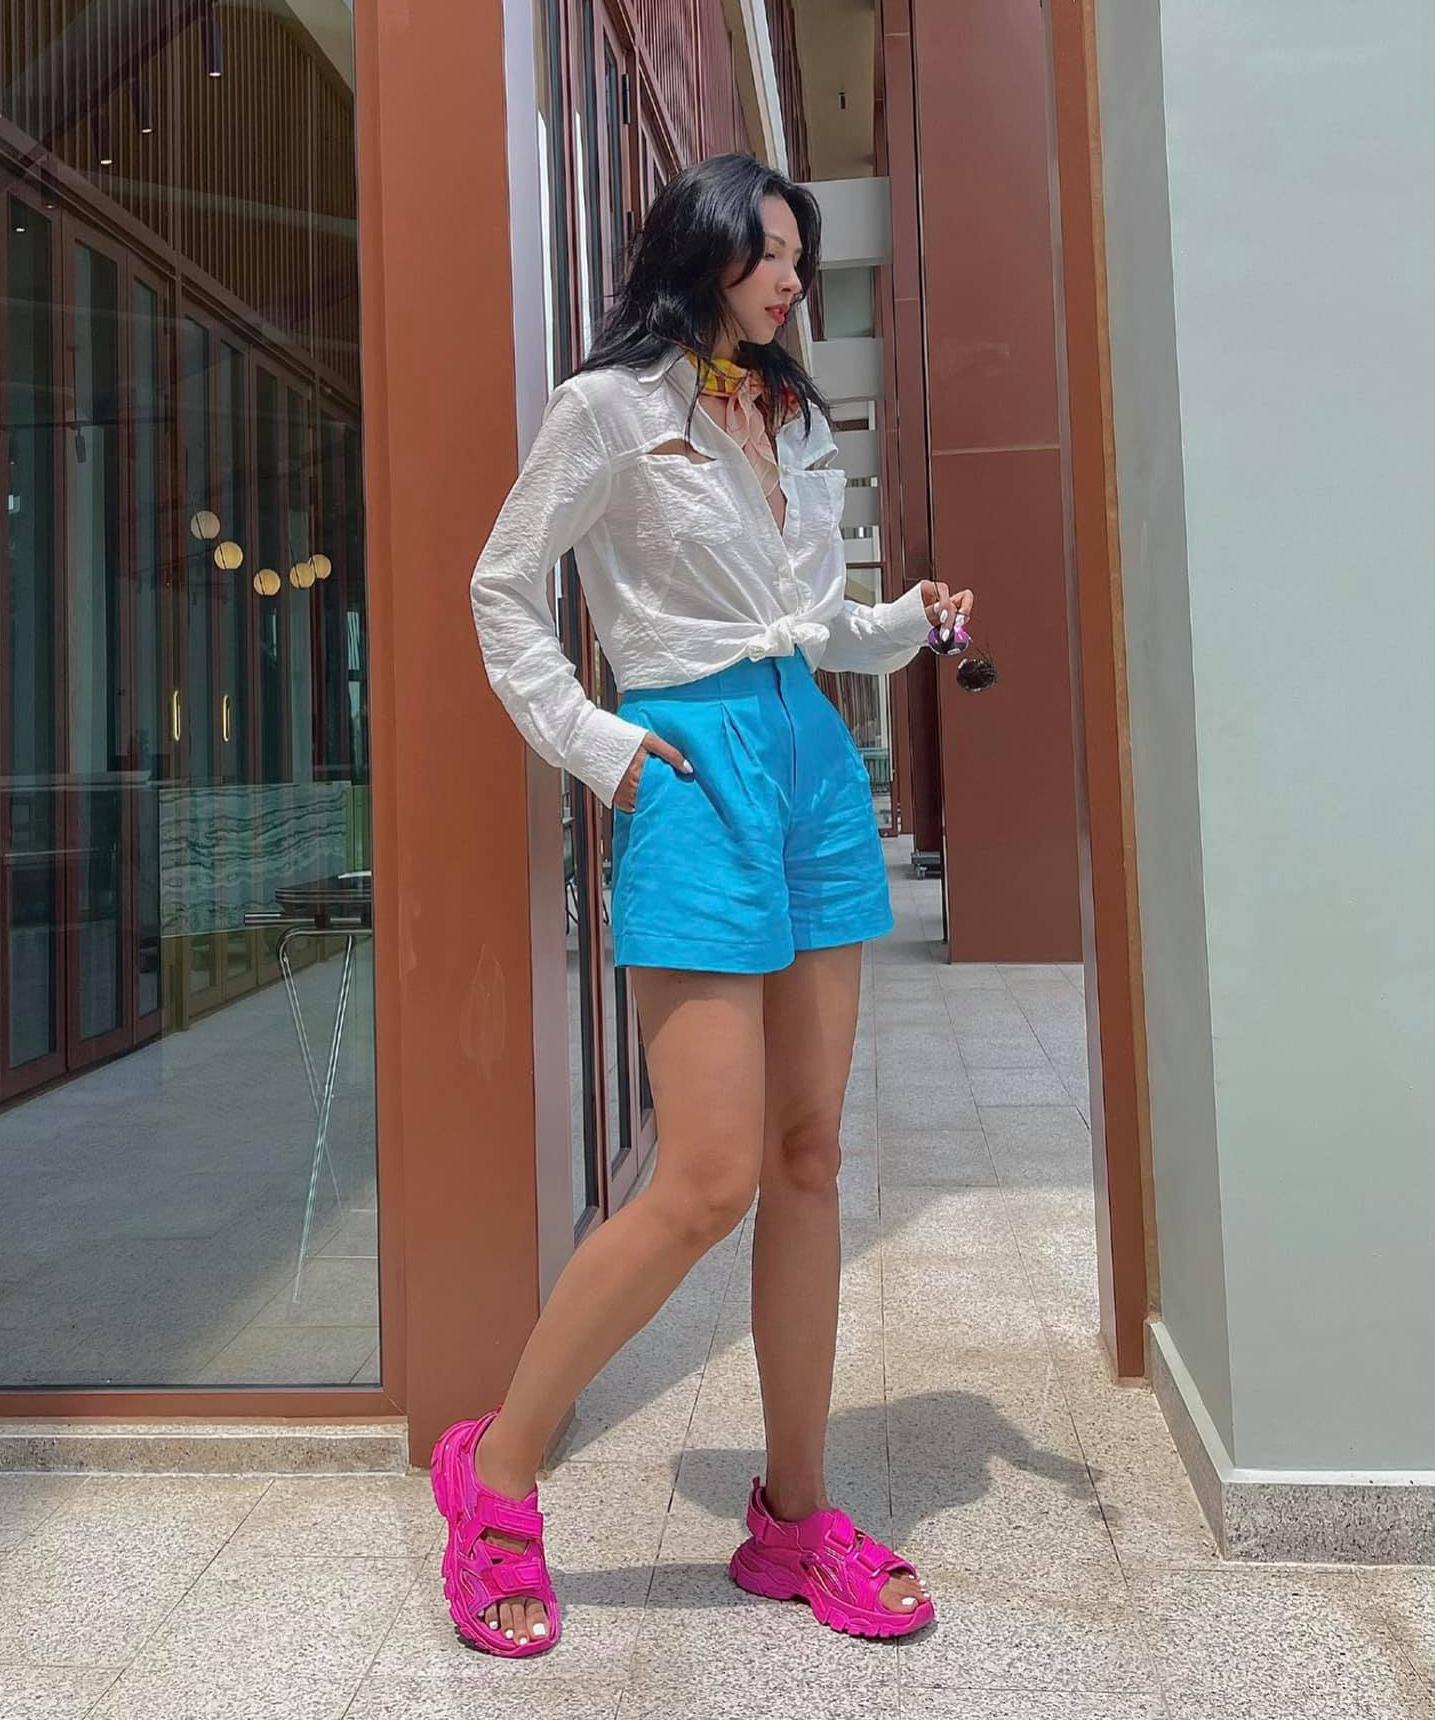 Minh Triệu khoe style mùa hè nổi bần bật với nhiều items tông neon. Chân dài không ngại kết hợp quần xanh cùng dép hồng dù đây không phải là hai gam màu hợp cạ.